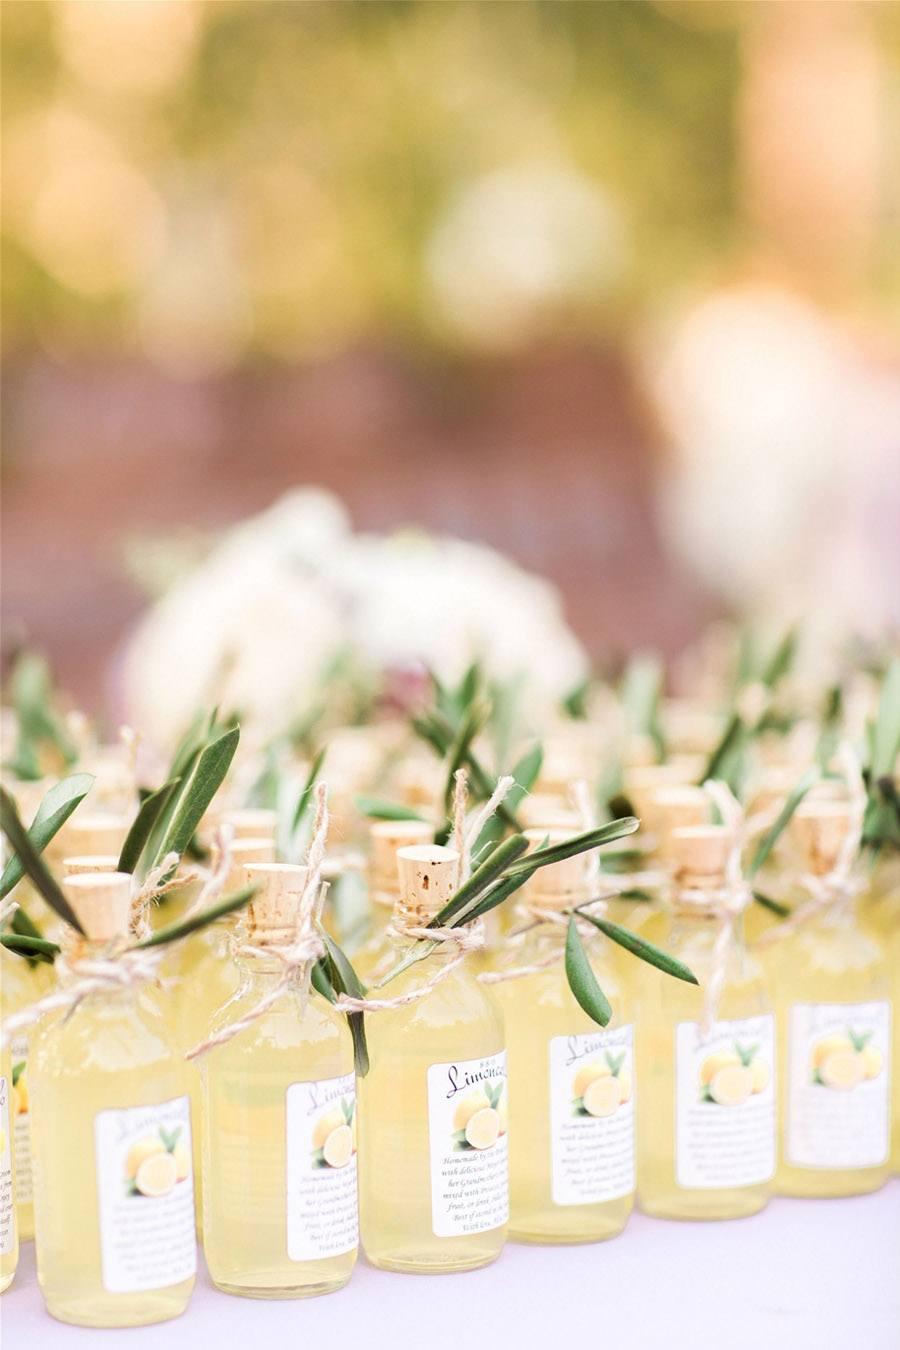 5 REGALOS SENCILLOS, IDEALES PARA TUS INVITADOS regalos-de-boda